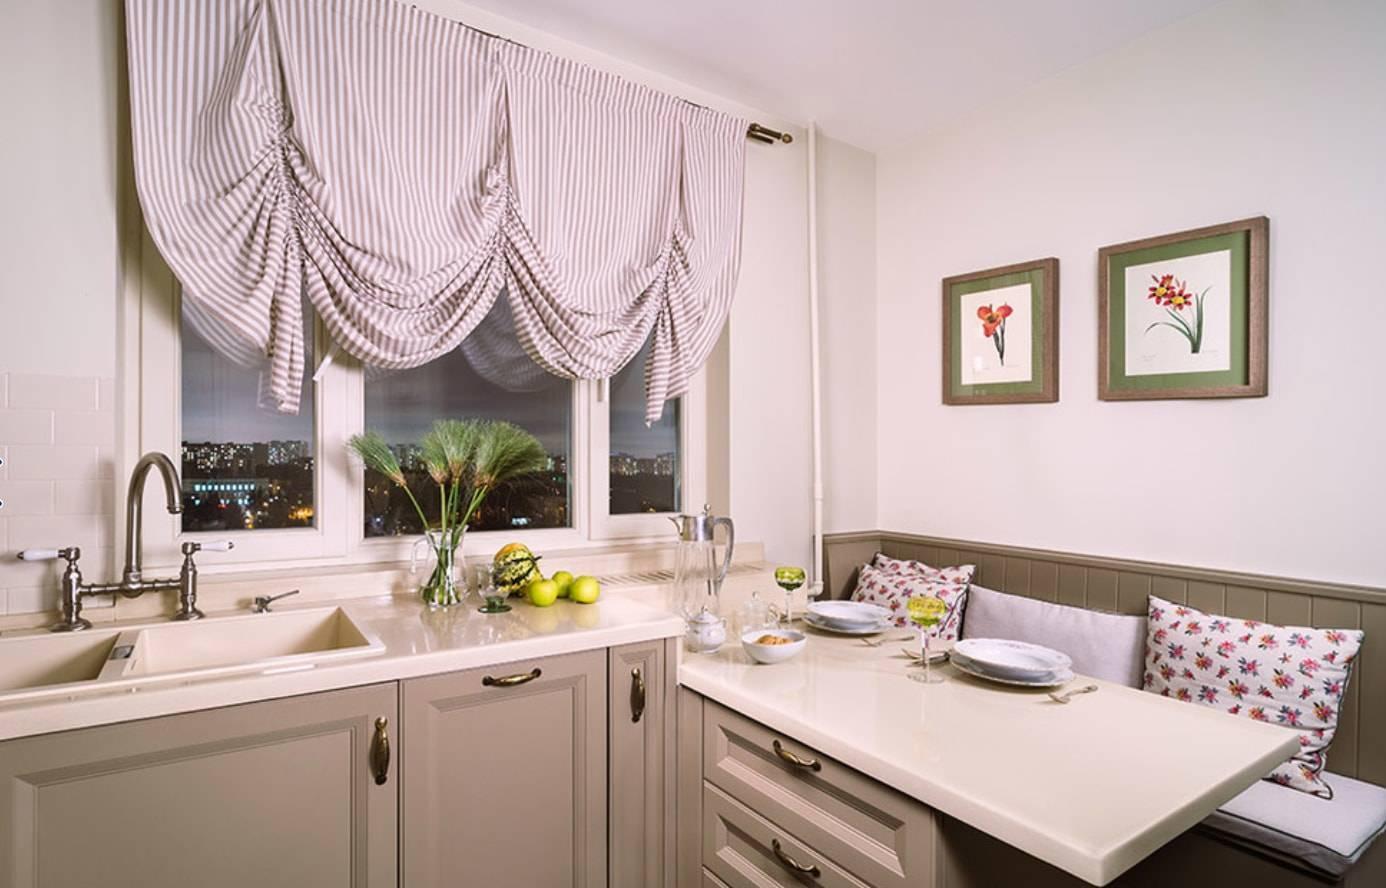 Оформление зоны окна в интерьере кухни современными шторами: идеи, примеры, модные тенденции, фото